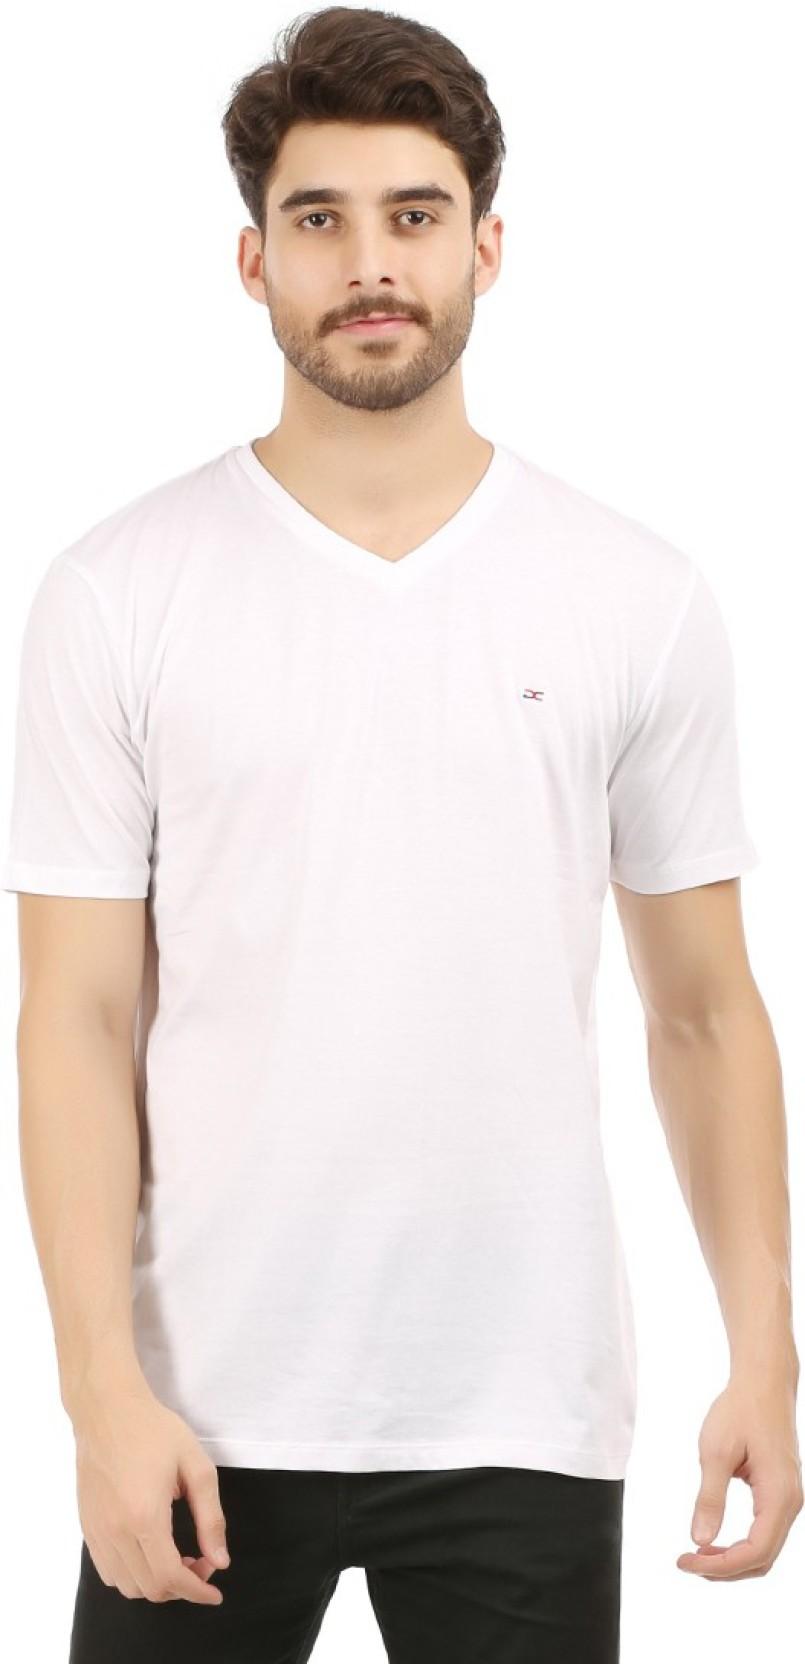 086c6745fd7d89 White T Shirts Mens V Neck